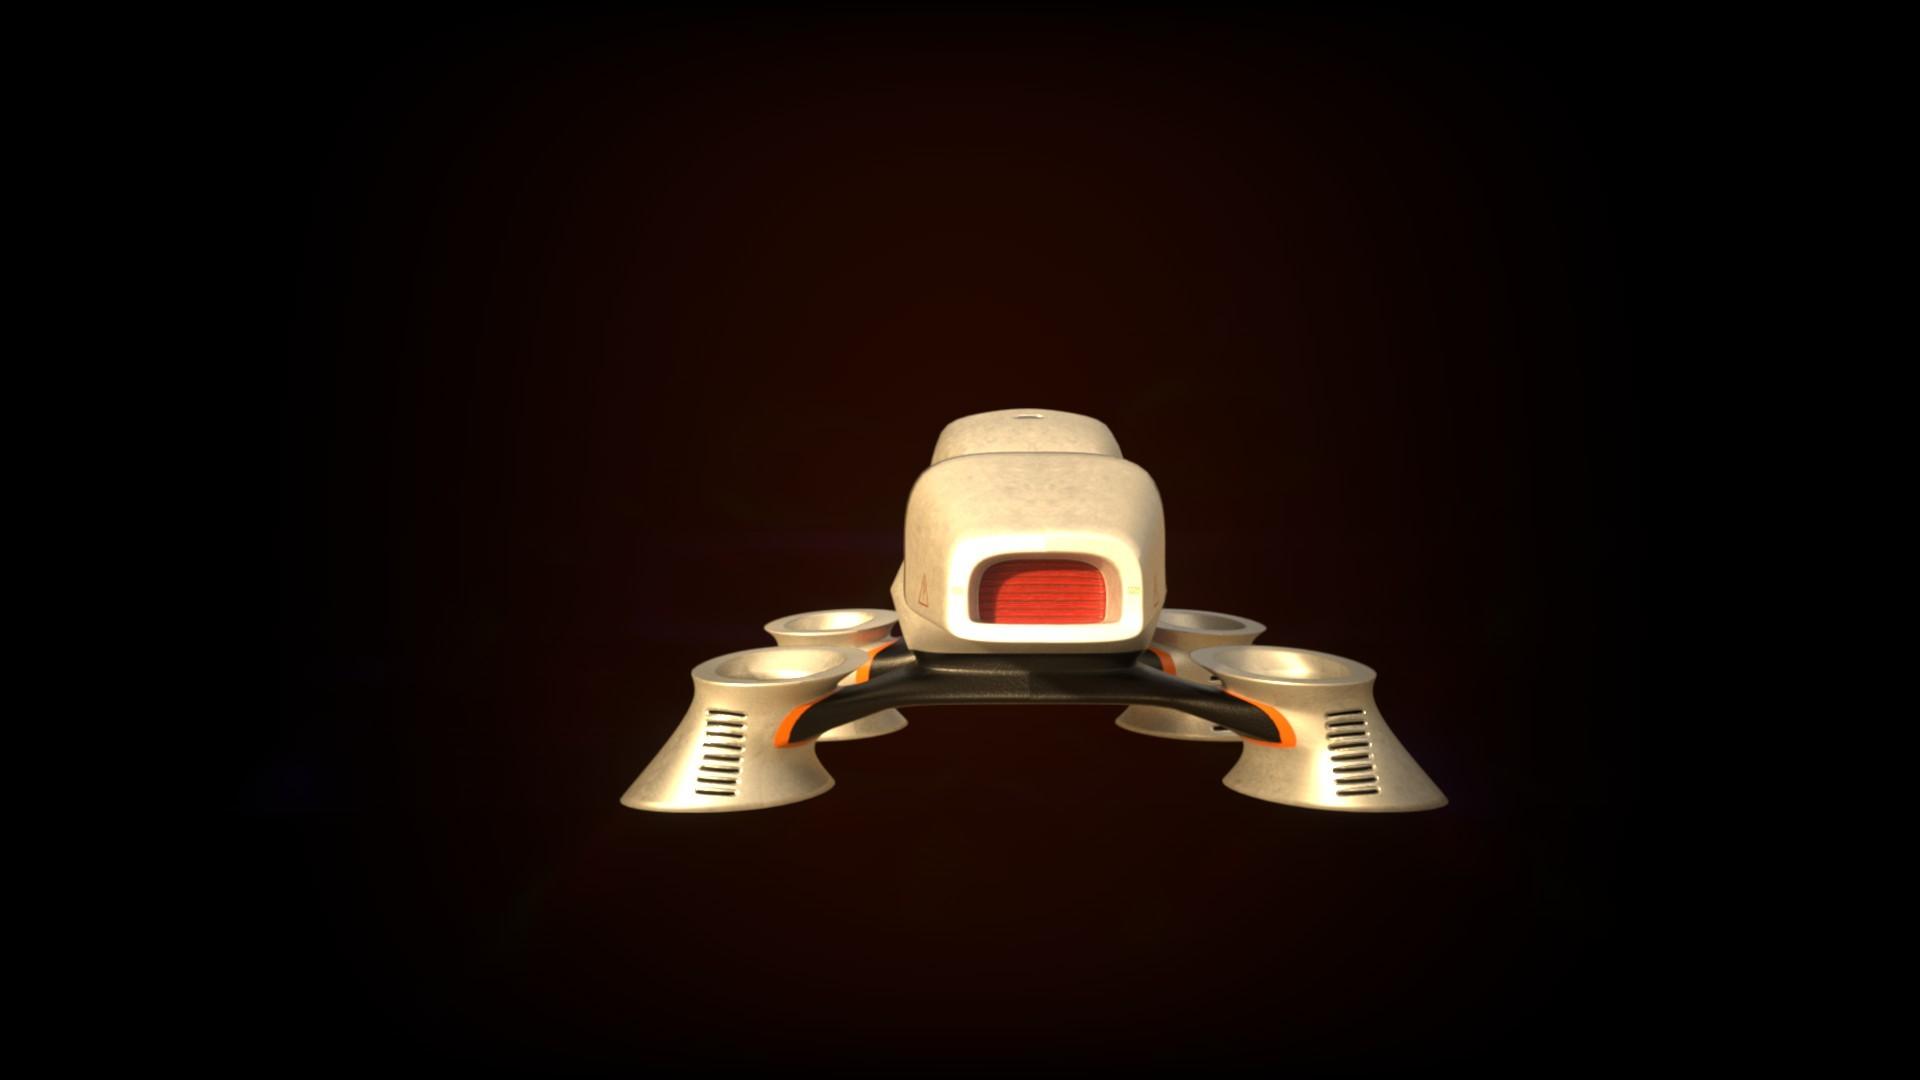 Emanuel cacciola drone v2 11